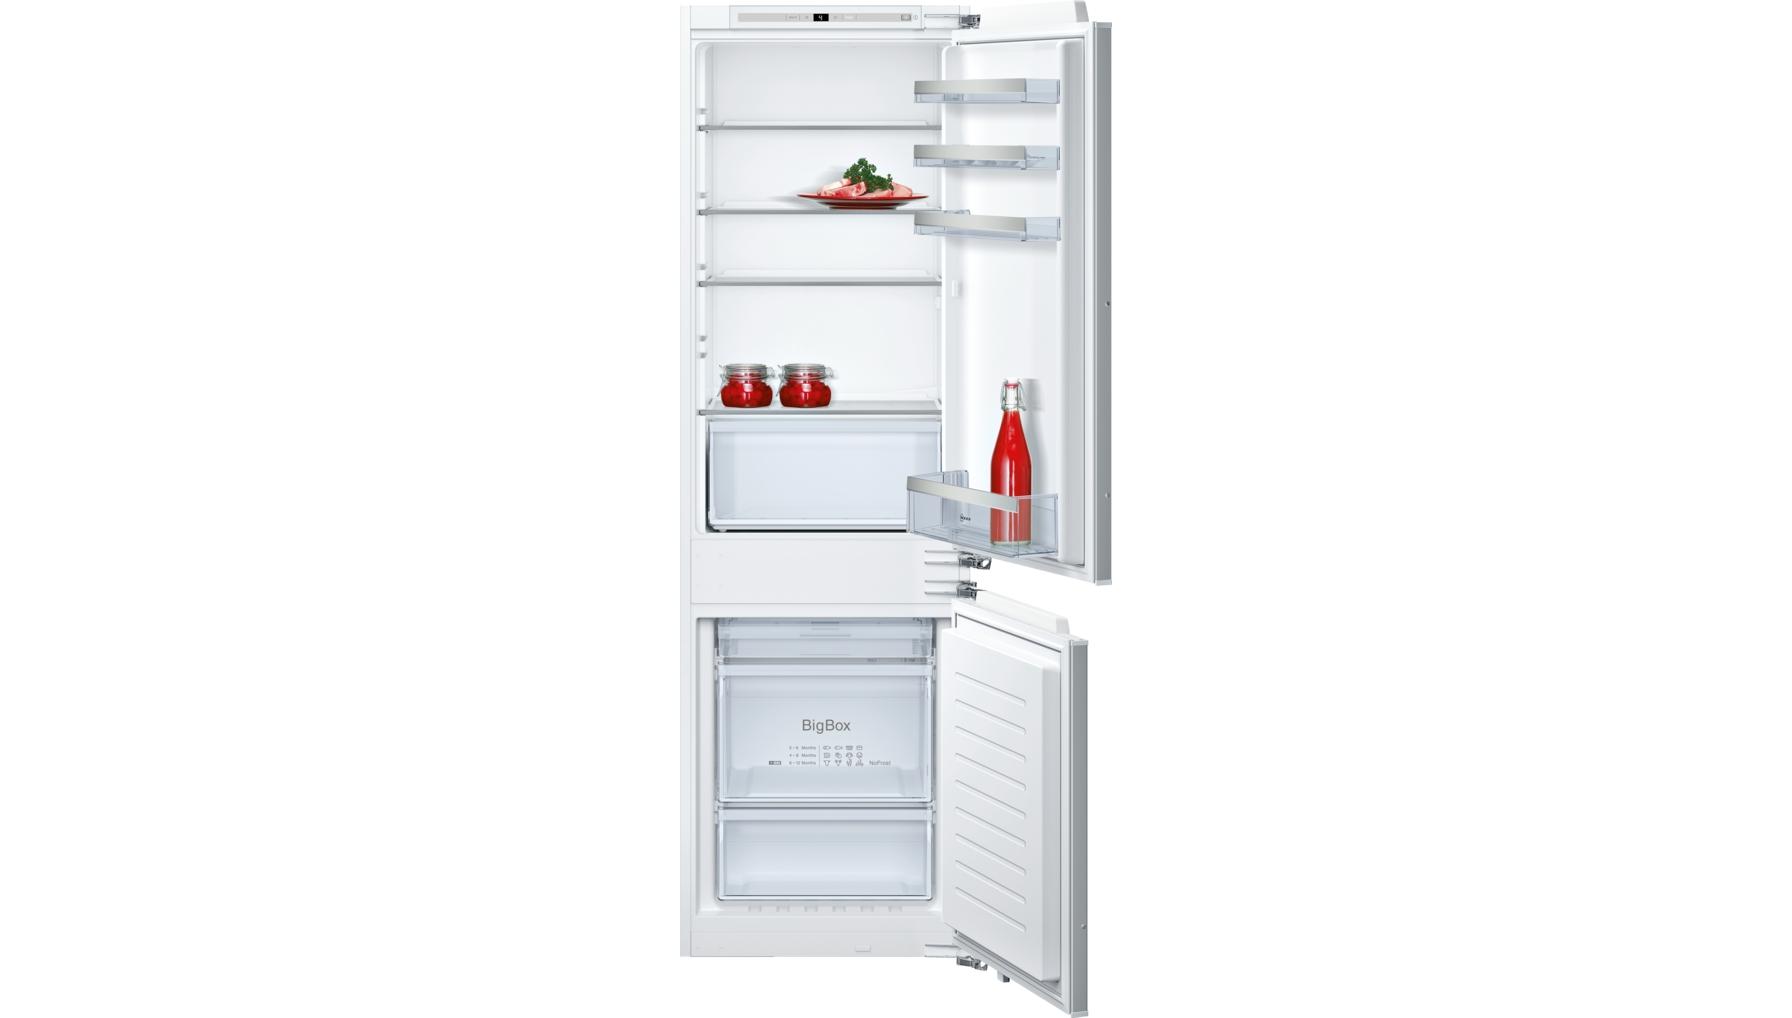 Gorenje Gefrier Und Kühlschrank : Kühl gefrierkombinationen bei karstadt kaufen und liefern lassen